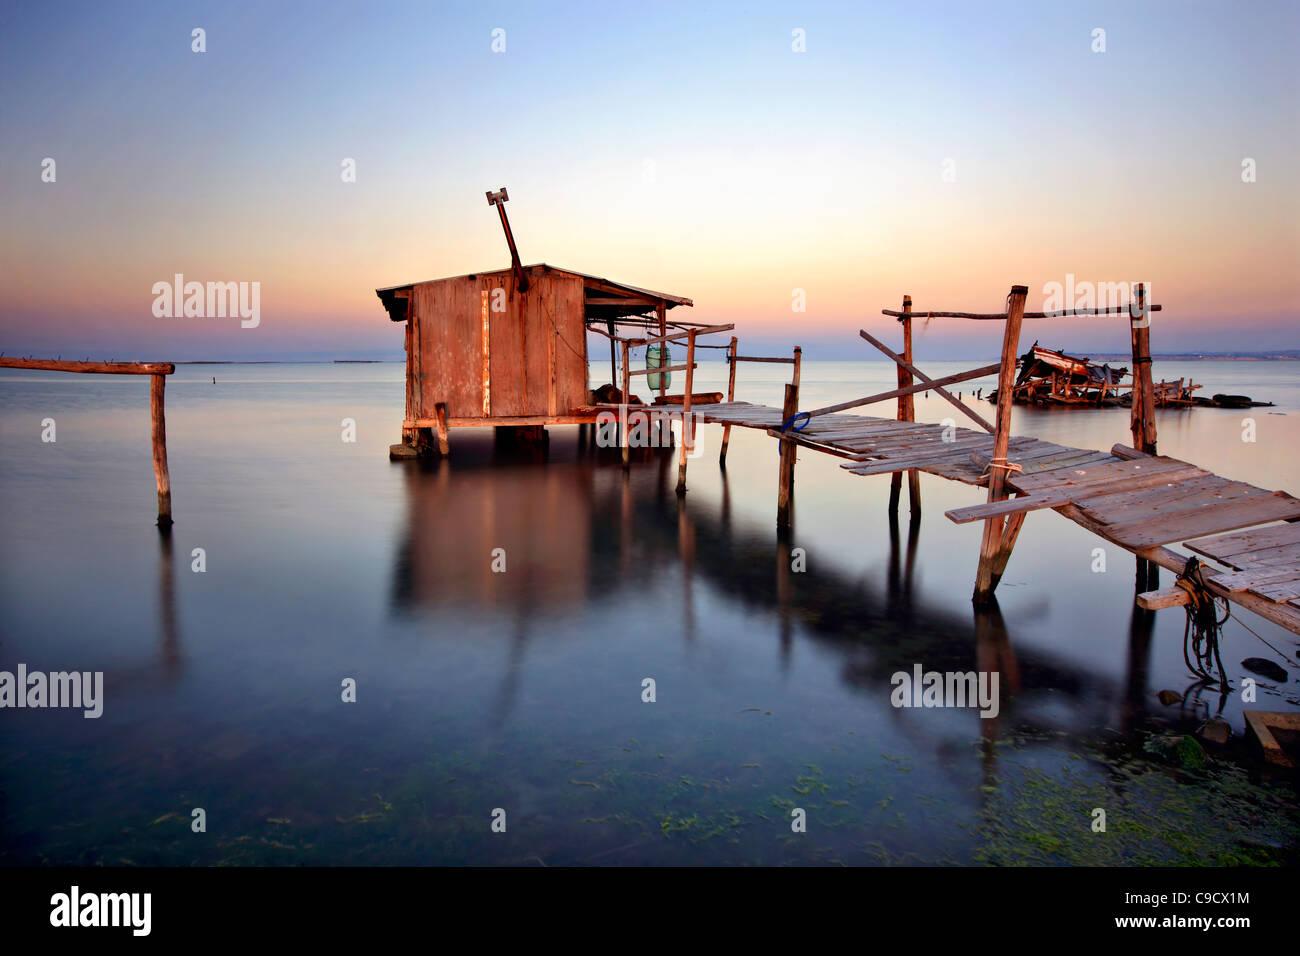 Stilt hut nel Delta di Axios (conosciuto anche come 'Vardaris') river, Salonicco, Macedonia, Grecia Immagini Stock